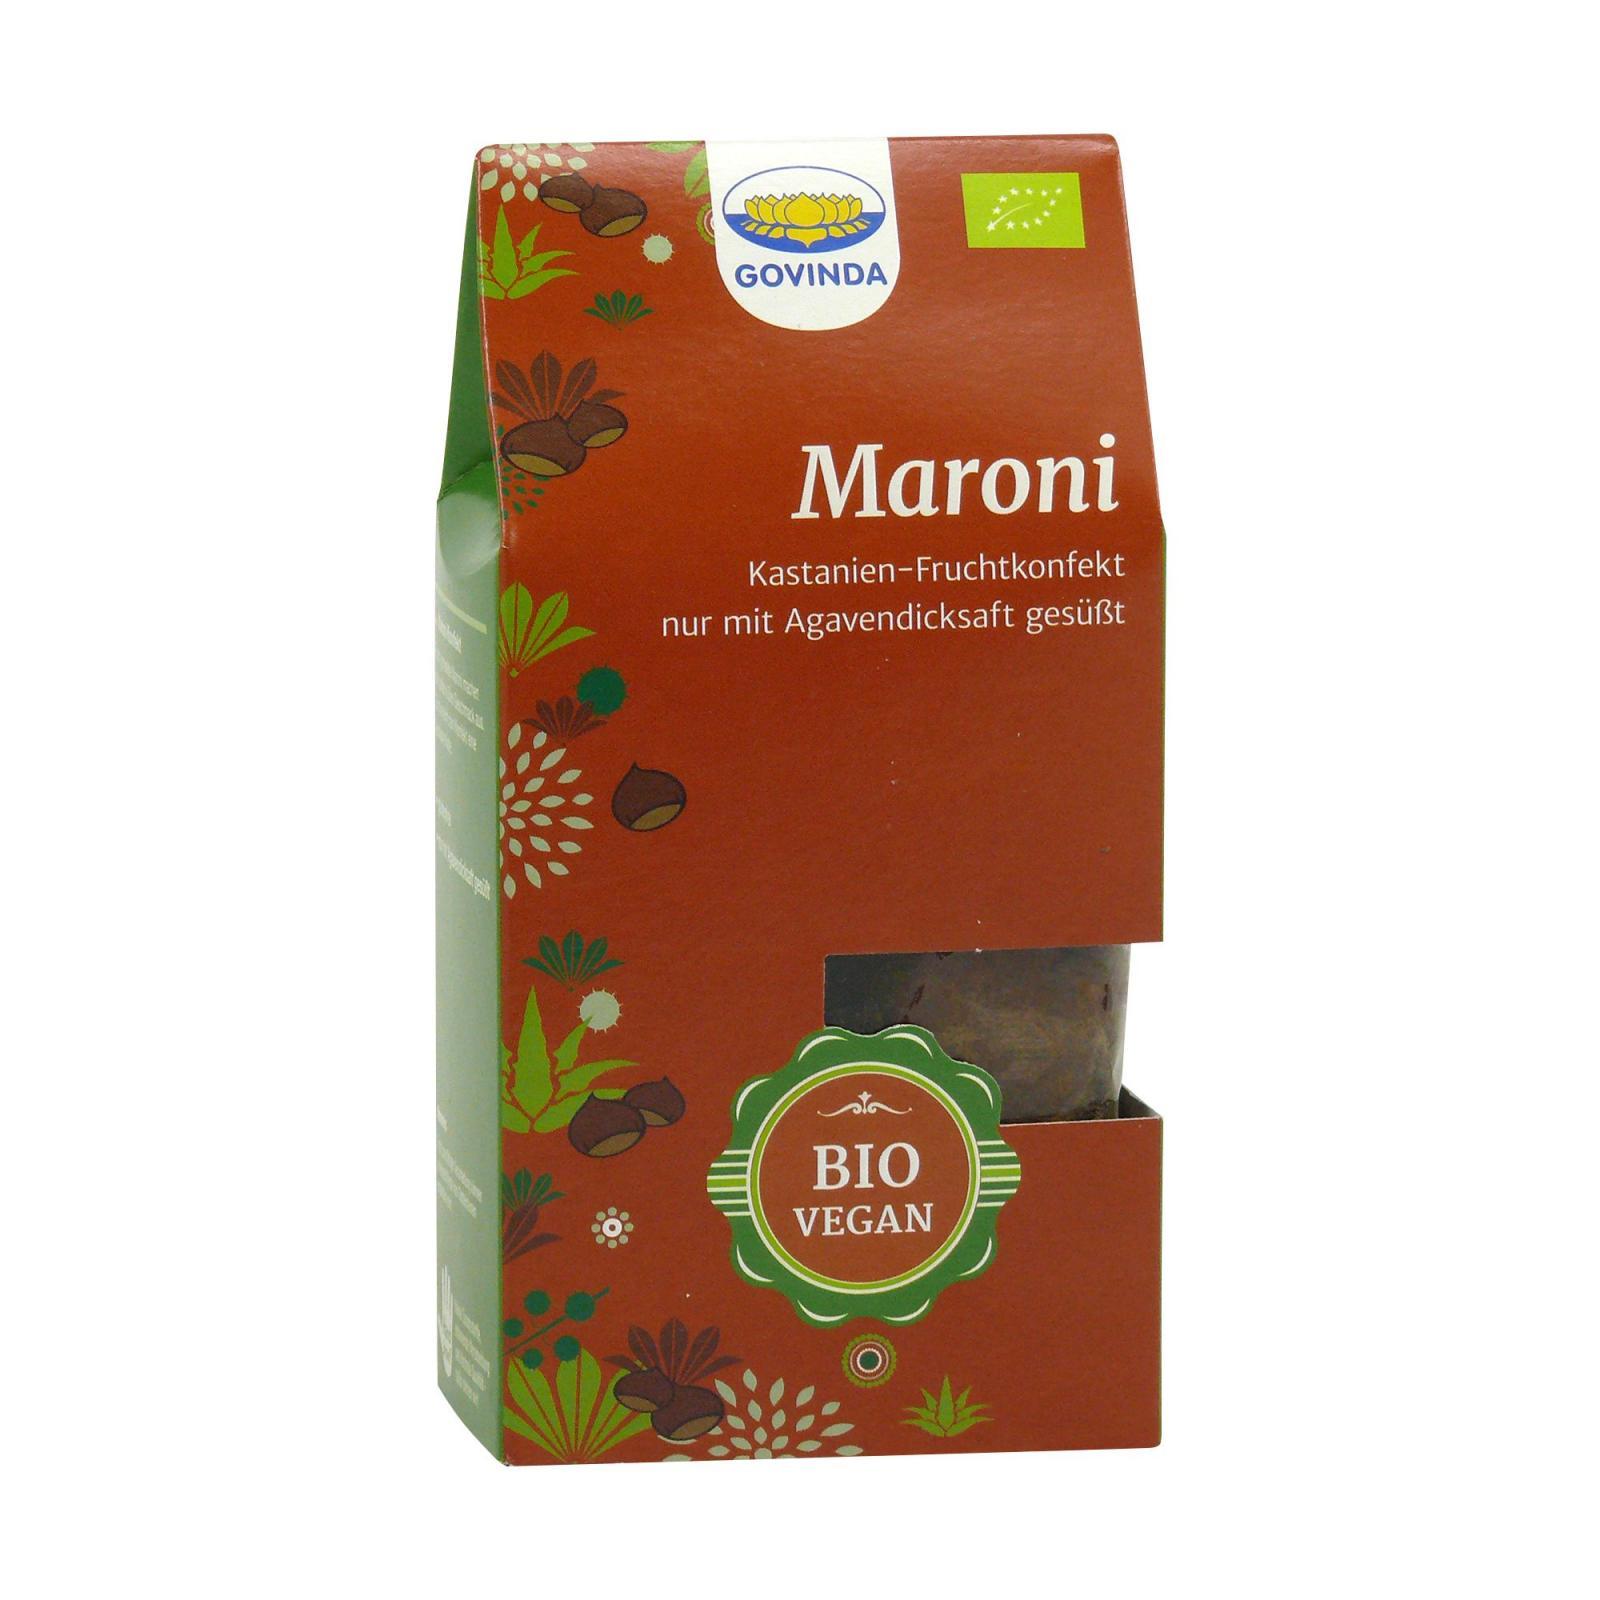 Govinda Datlové cukroví s kaštany Maroni 100 g